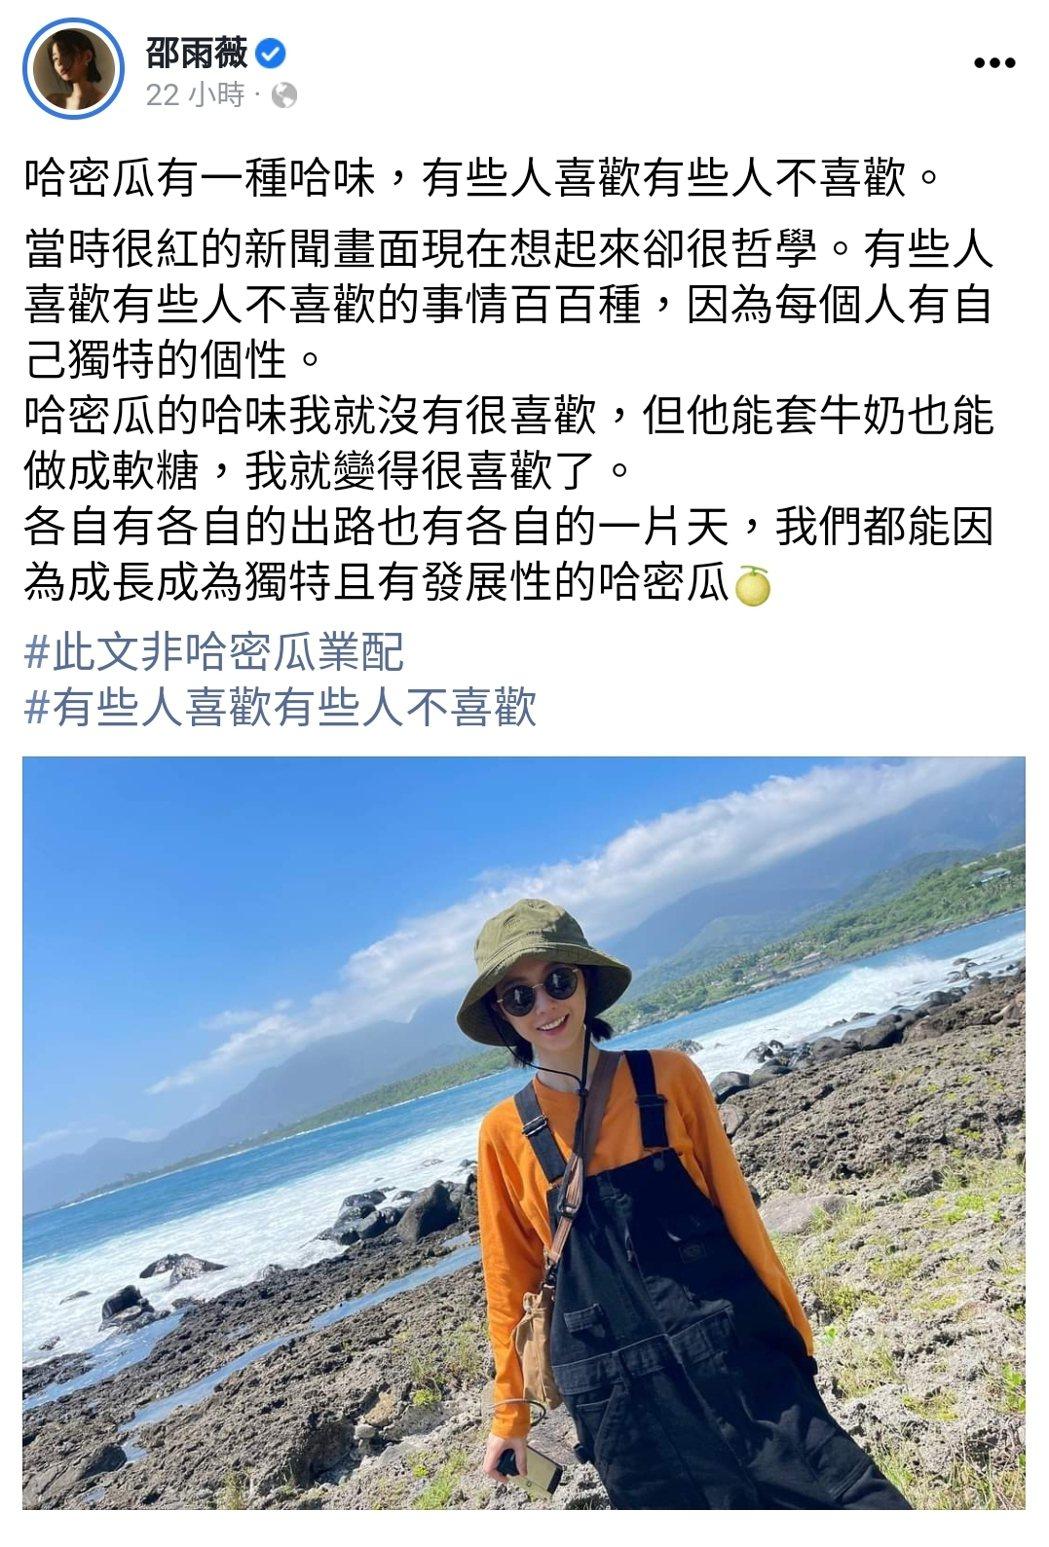 邵雨薇發文外界認為在力挺男友吳慷仁。 圖/擷自邵雨薇臉書